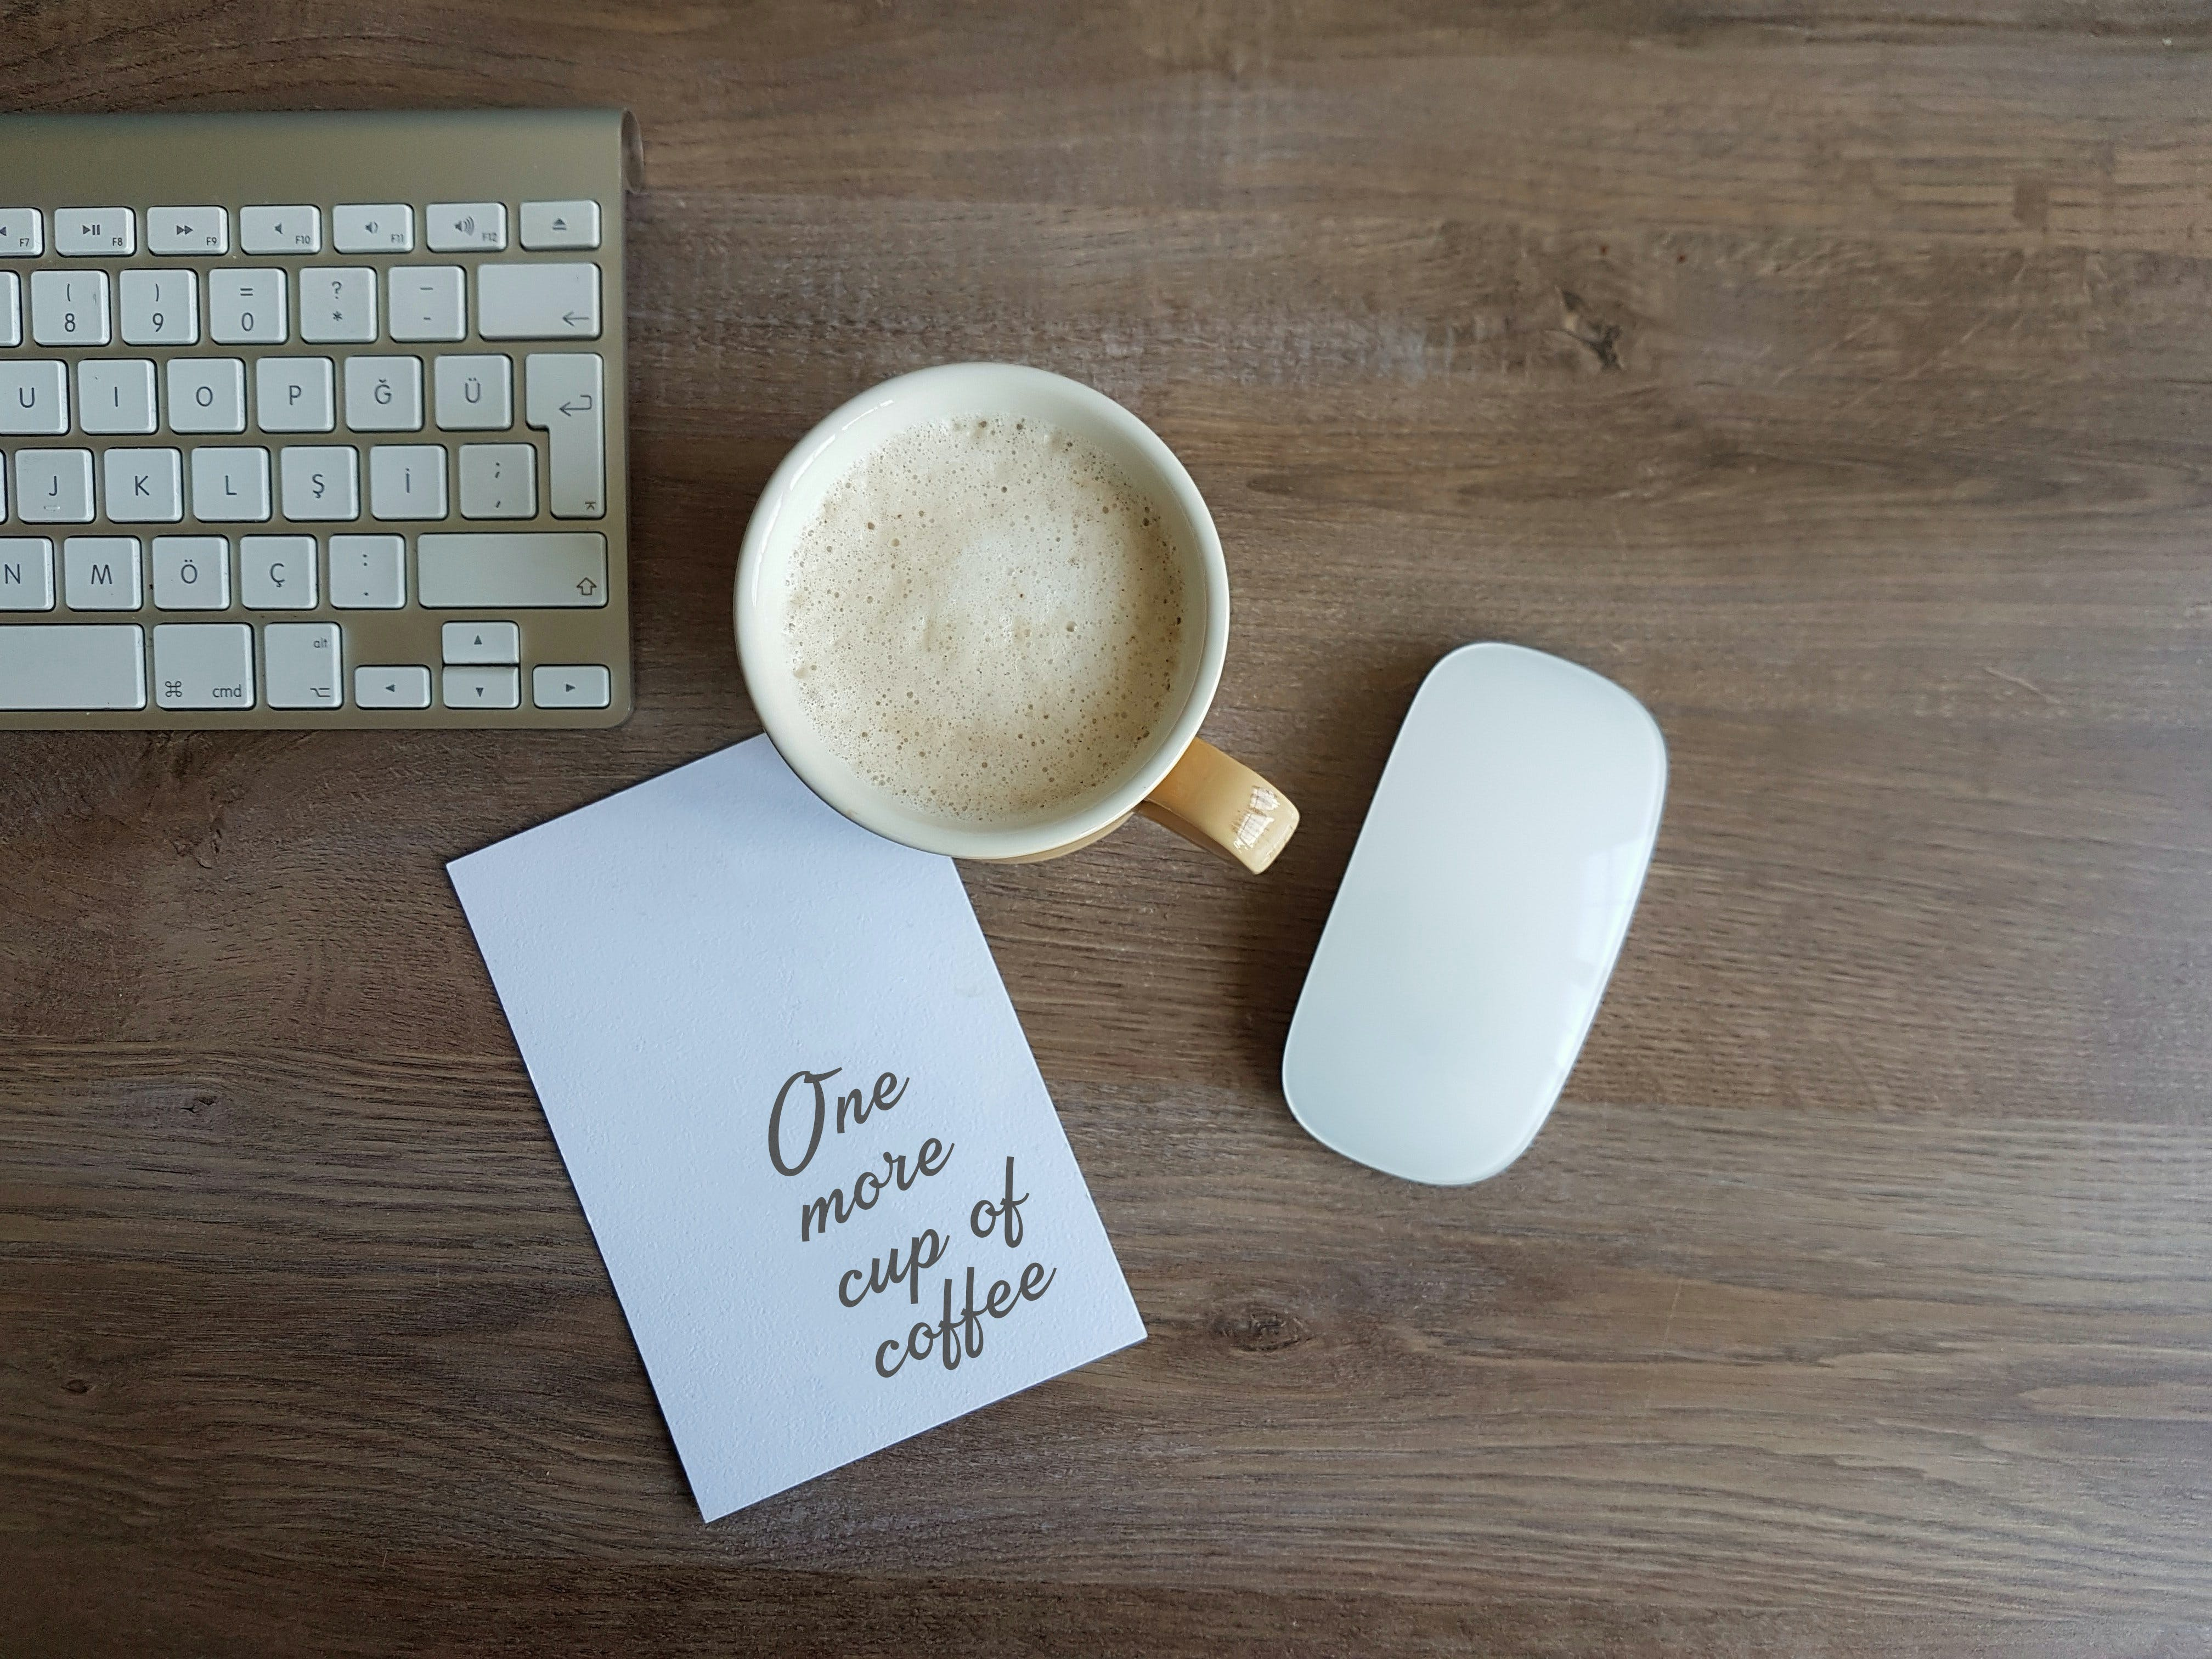 Apple Magic Mouse and White Ceramic Mug